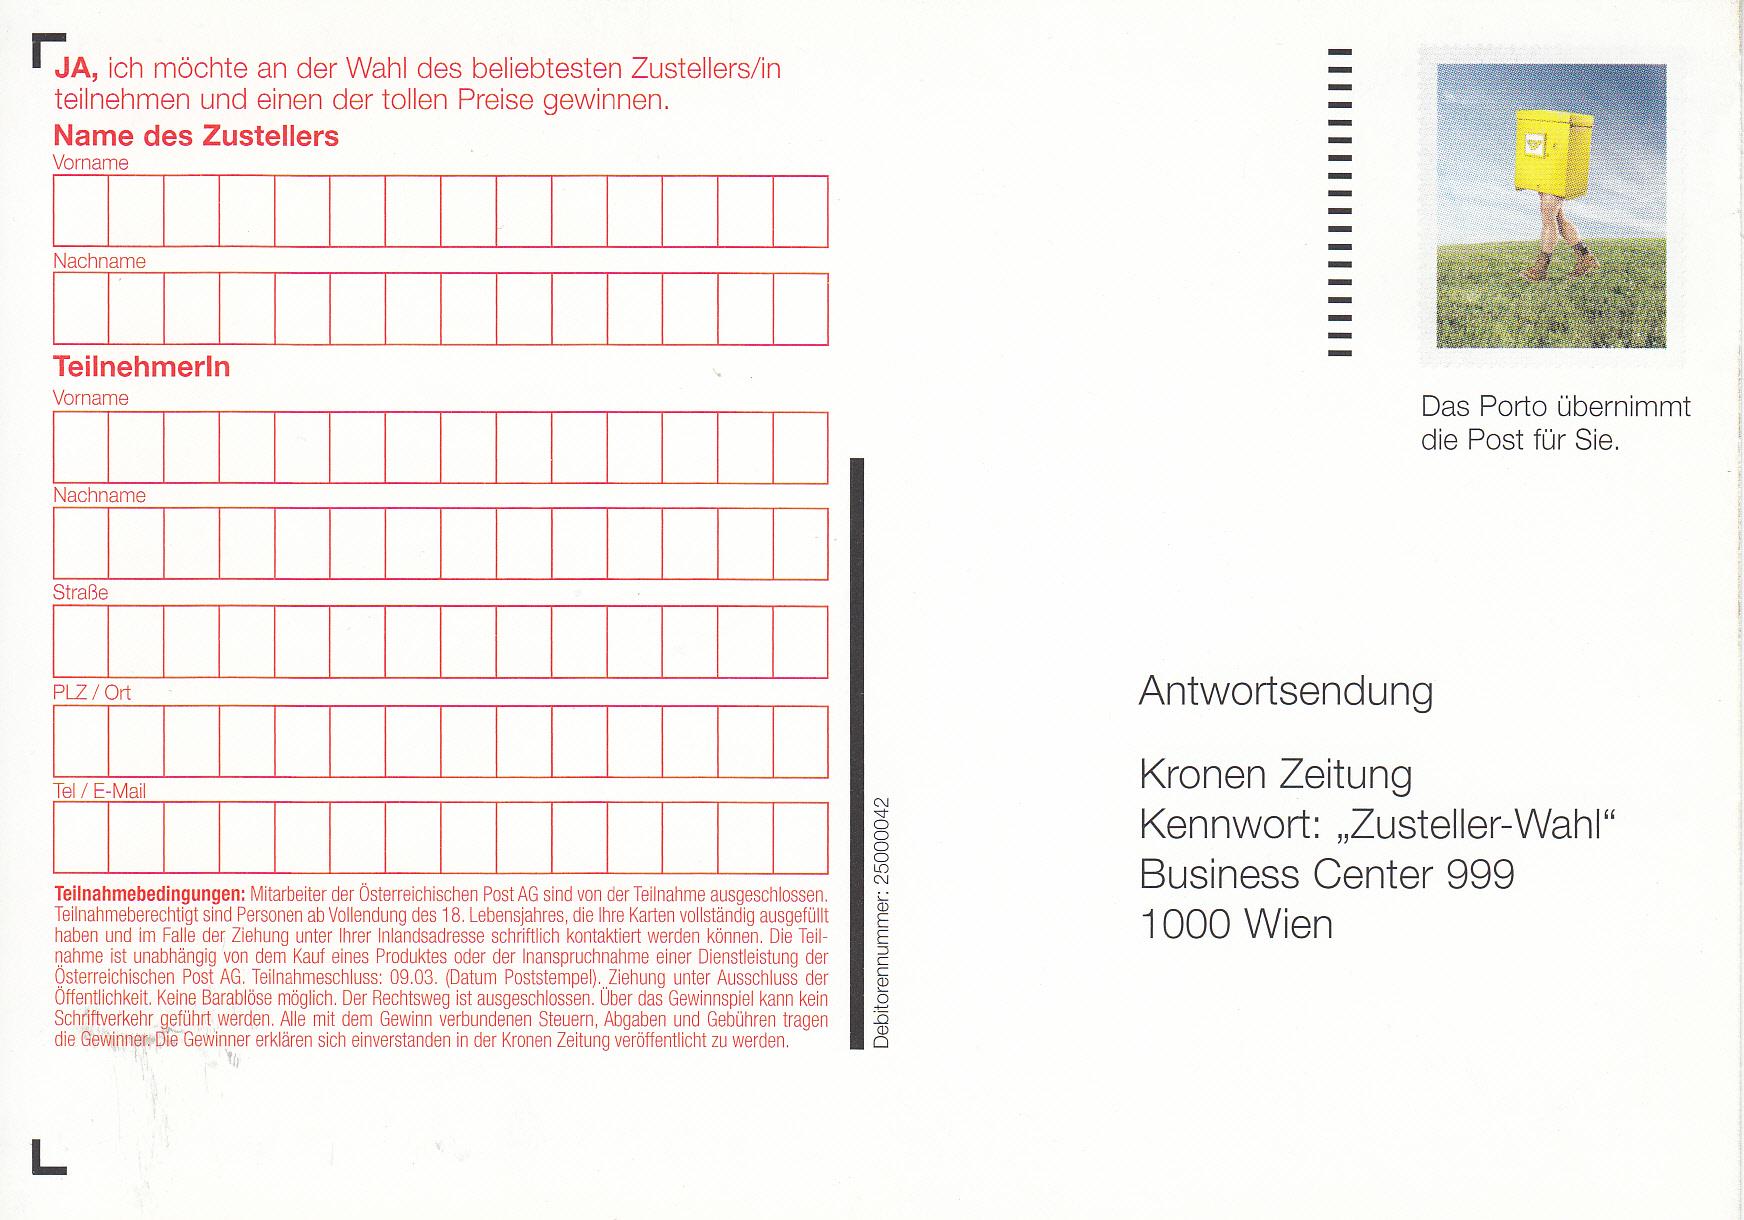 Postdienst – Service des postes - Postdienstkarten - Österreich Img_0259